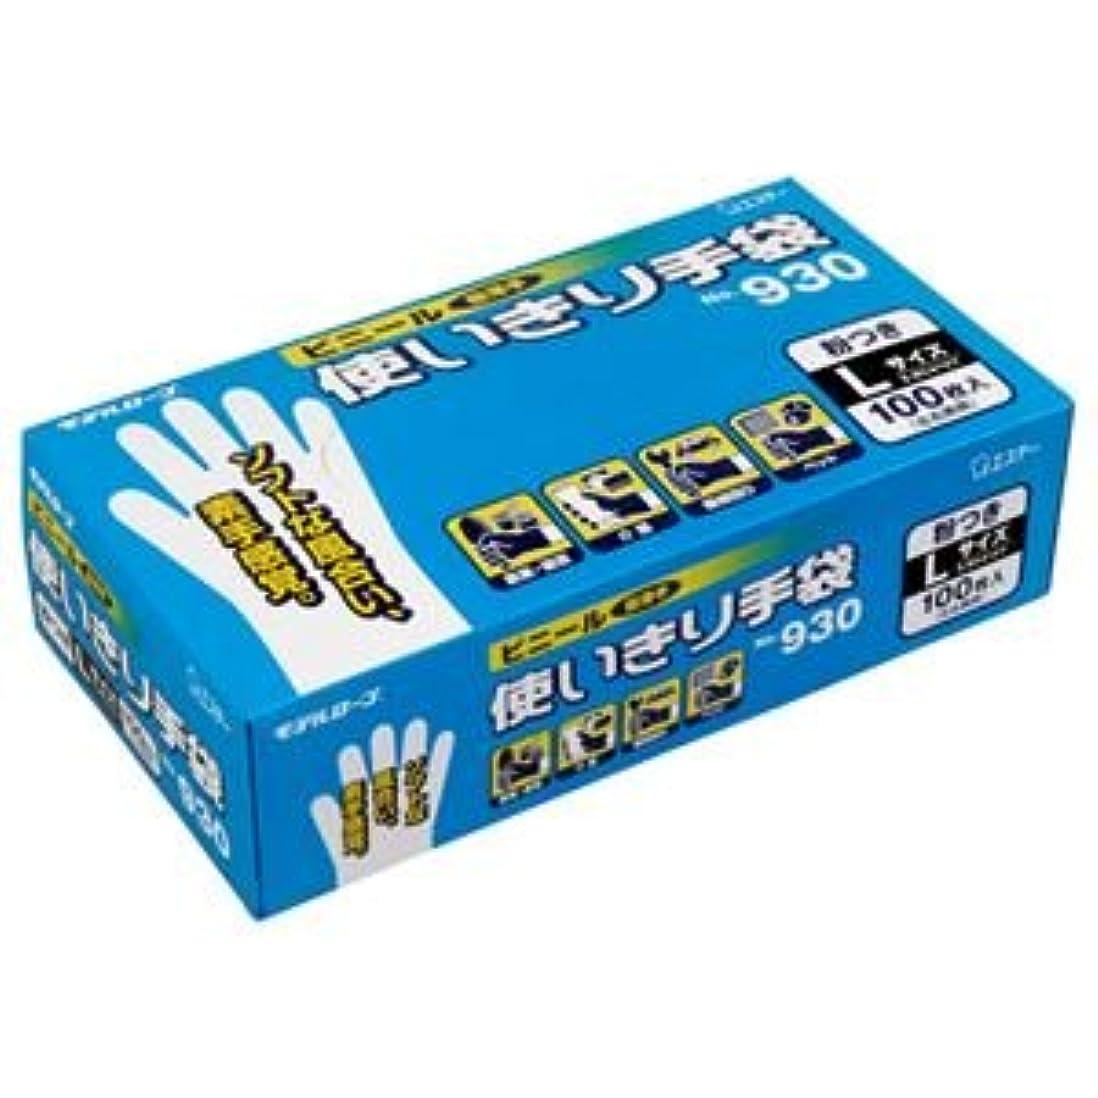 座る粉砕する週末(まとめ) エステー No.930 ビニール使いきり手袋(粉付) L 1箱(100枚) 【×5セット】 ds-1580596